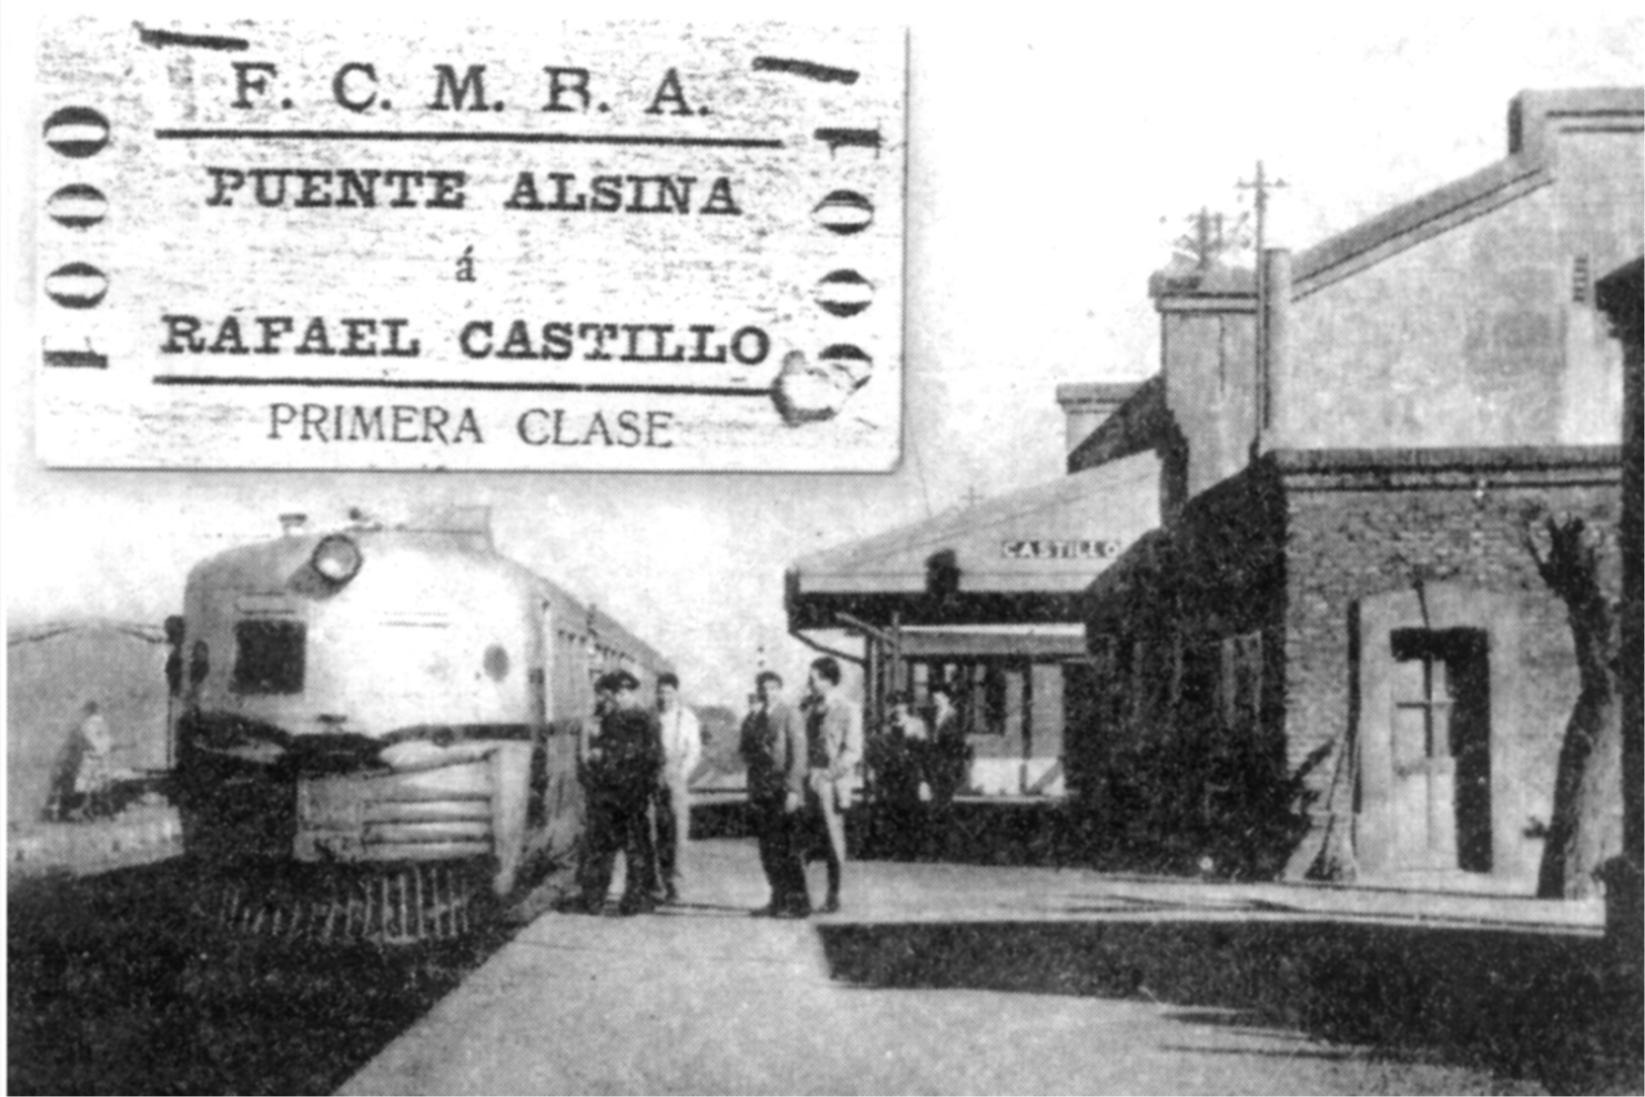 estacion_vieja_rafael_castillo